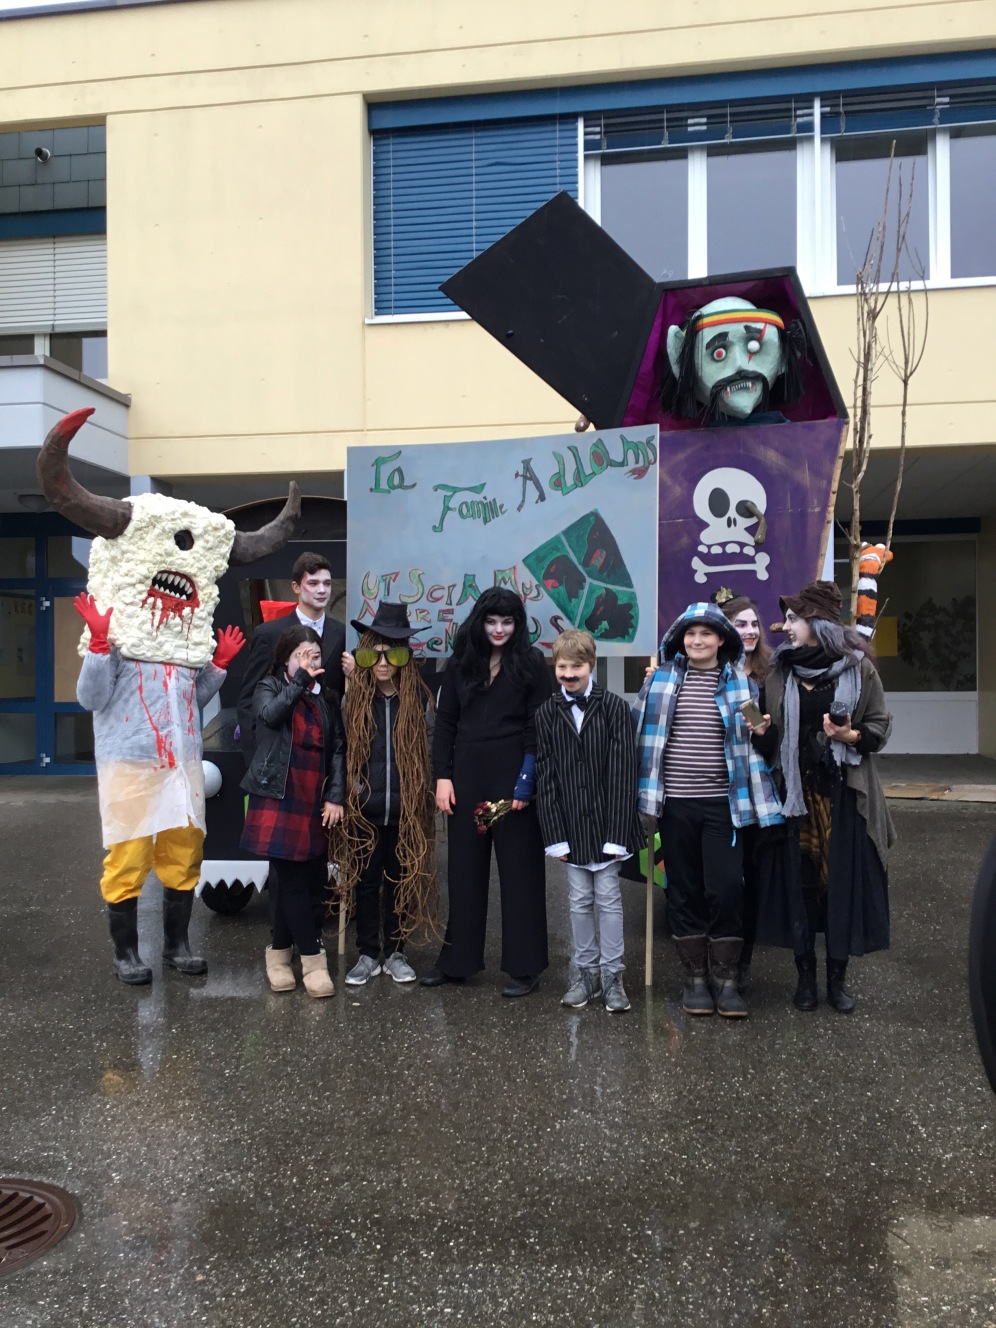 Le groupe Kewan pose devant le Rababou avec leur thème: La famille Adams. (Heliès)